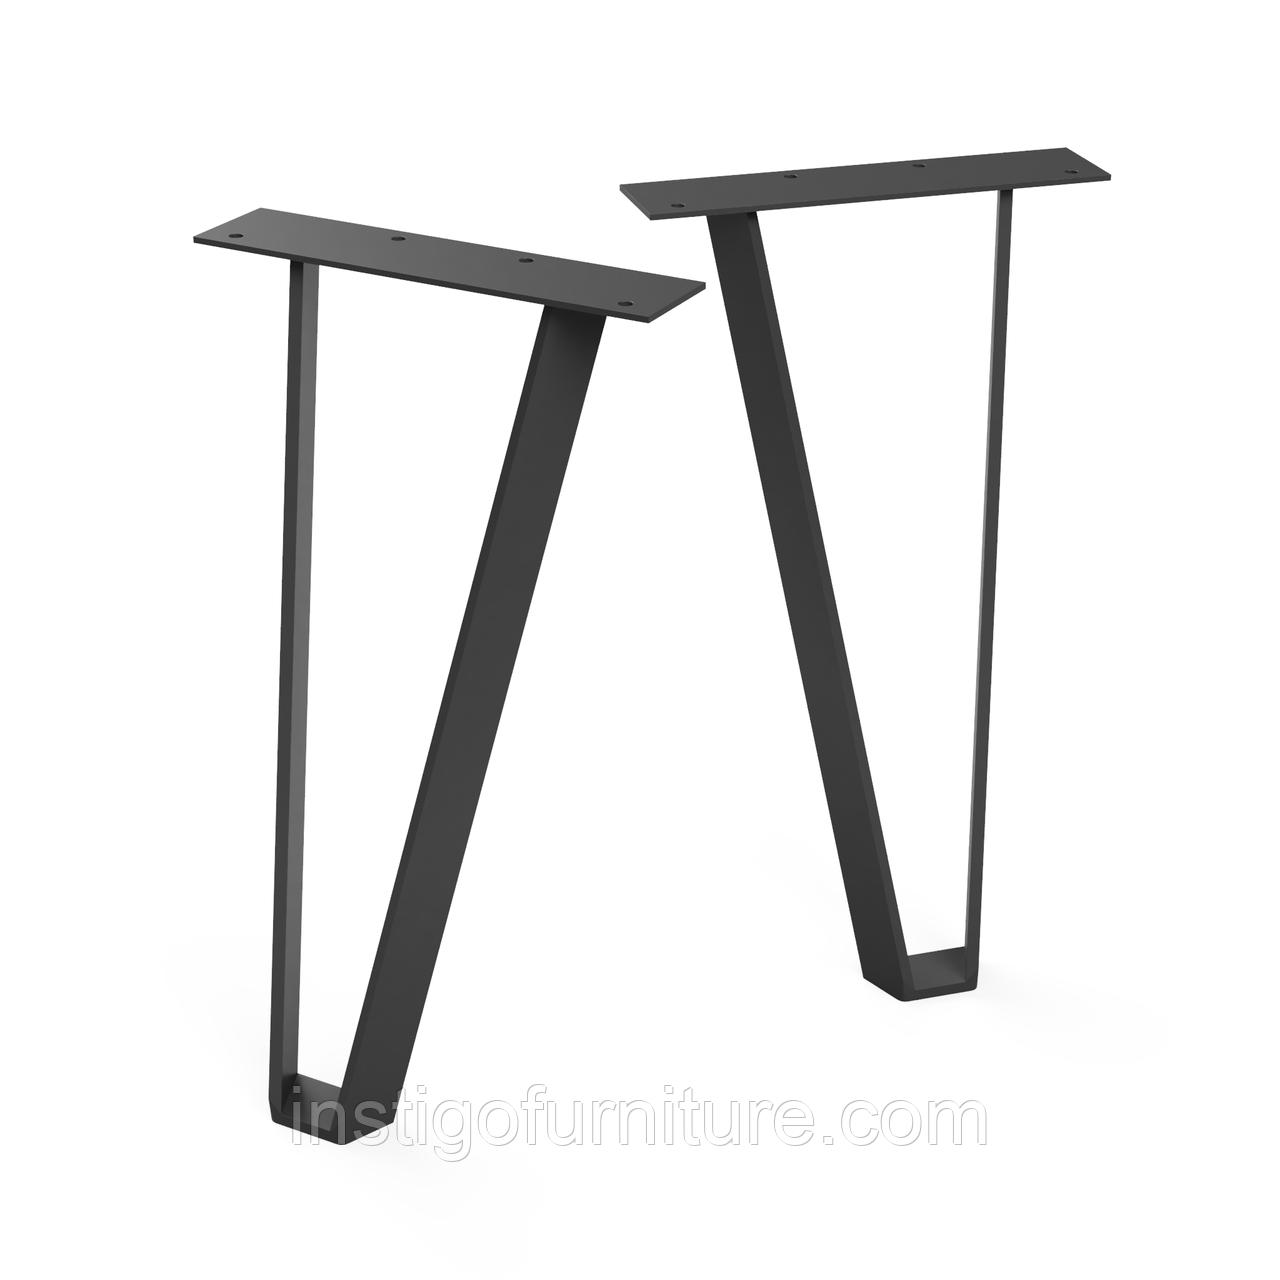 Ножка для стола из металла 224×162mm, H=363mm